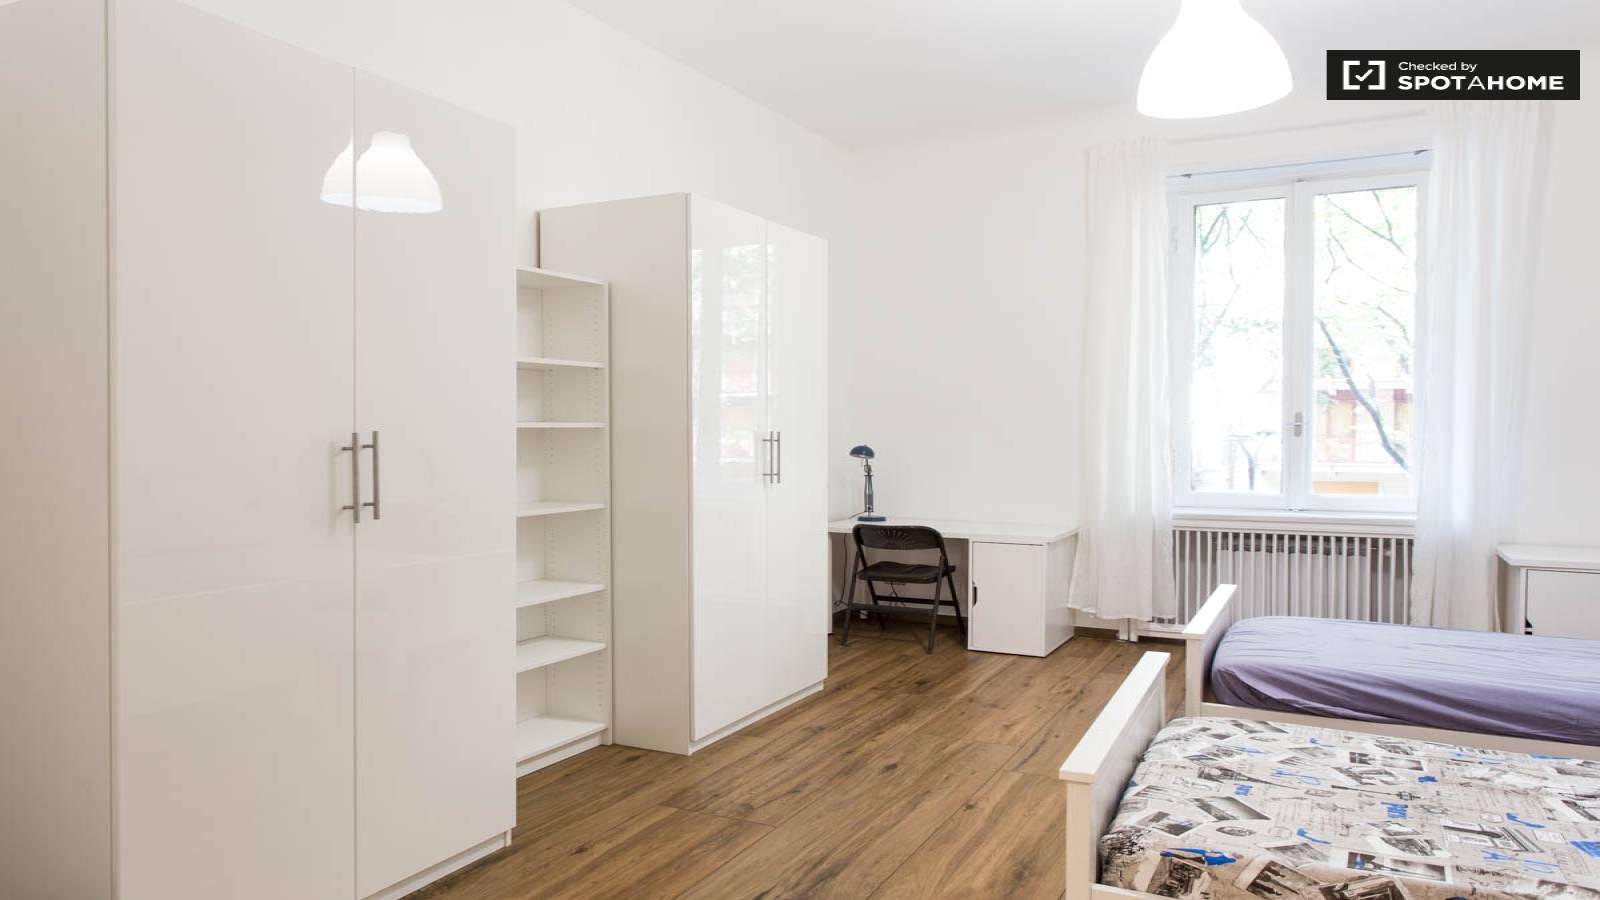 Bedroom 4- Bed 2